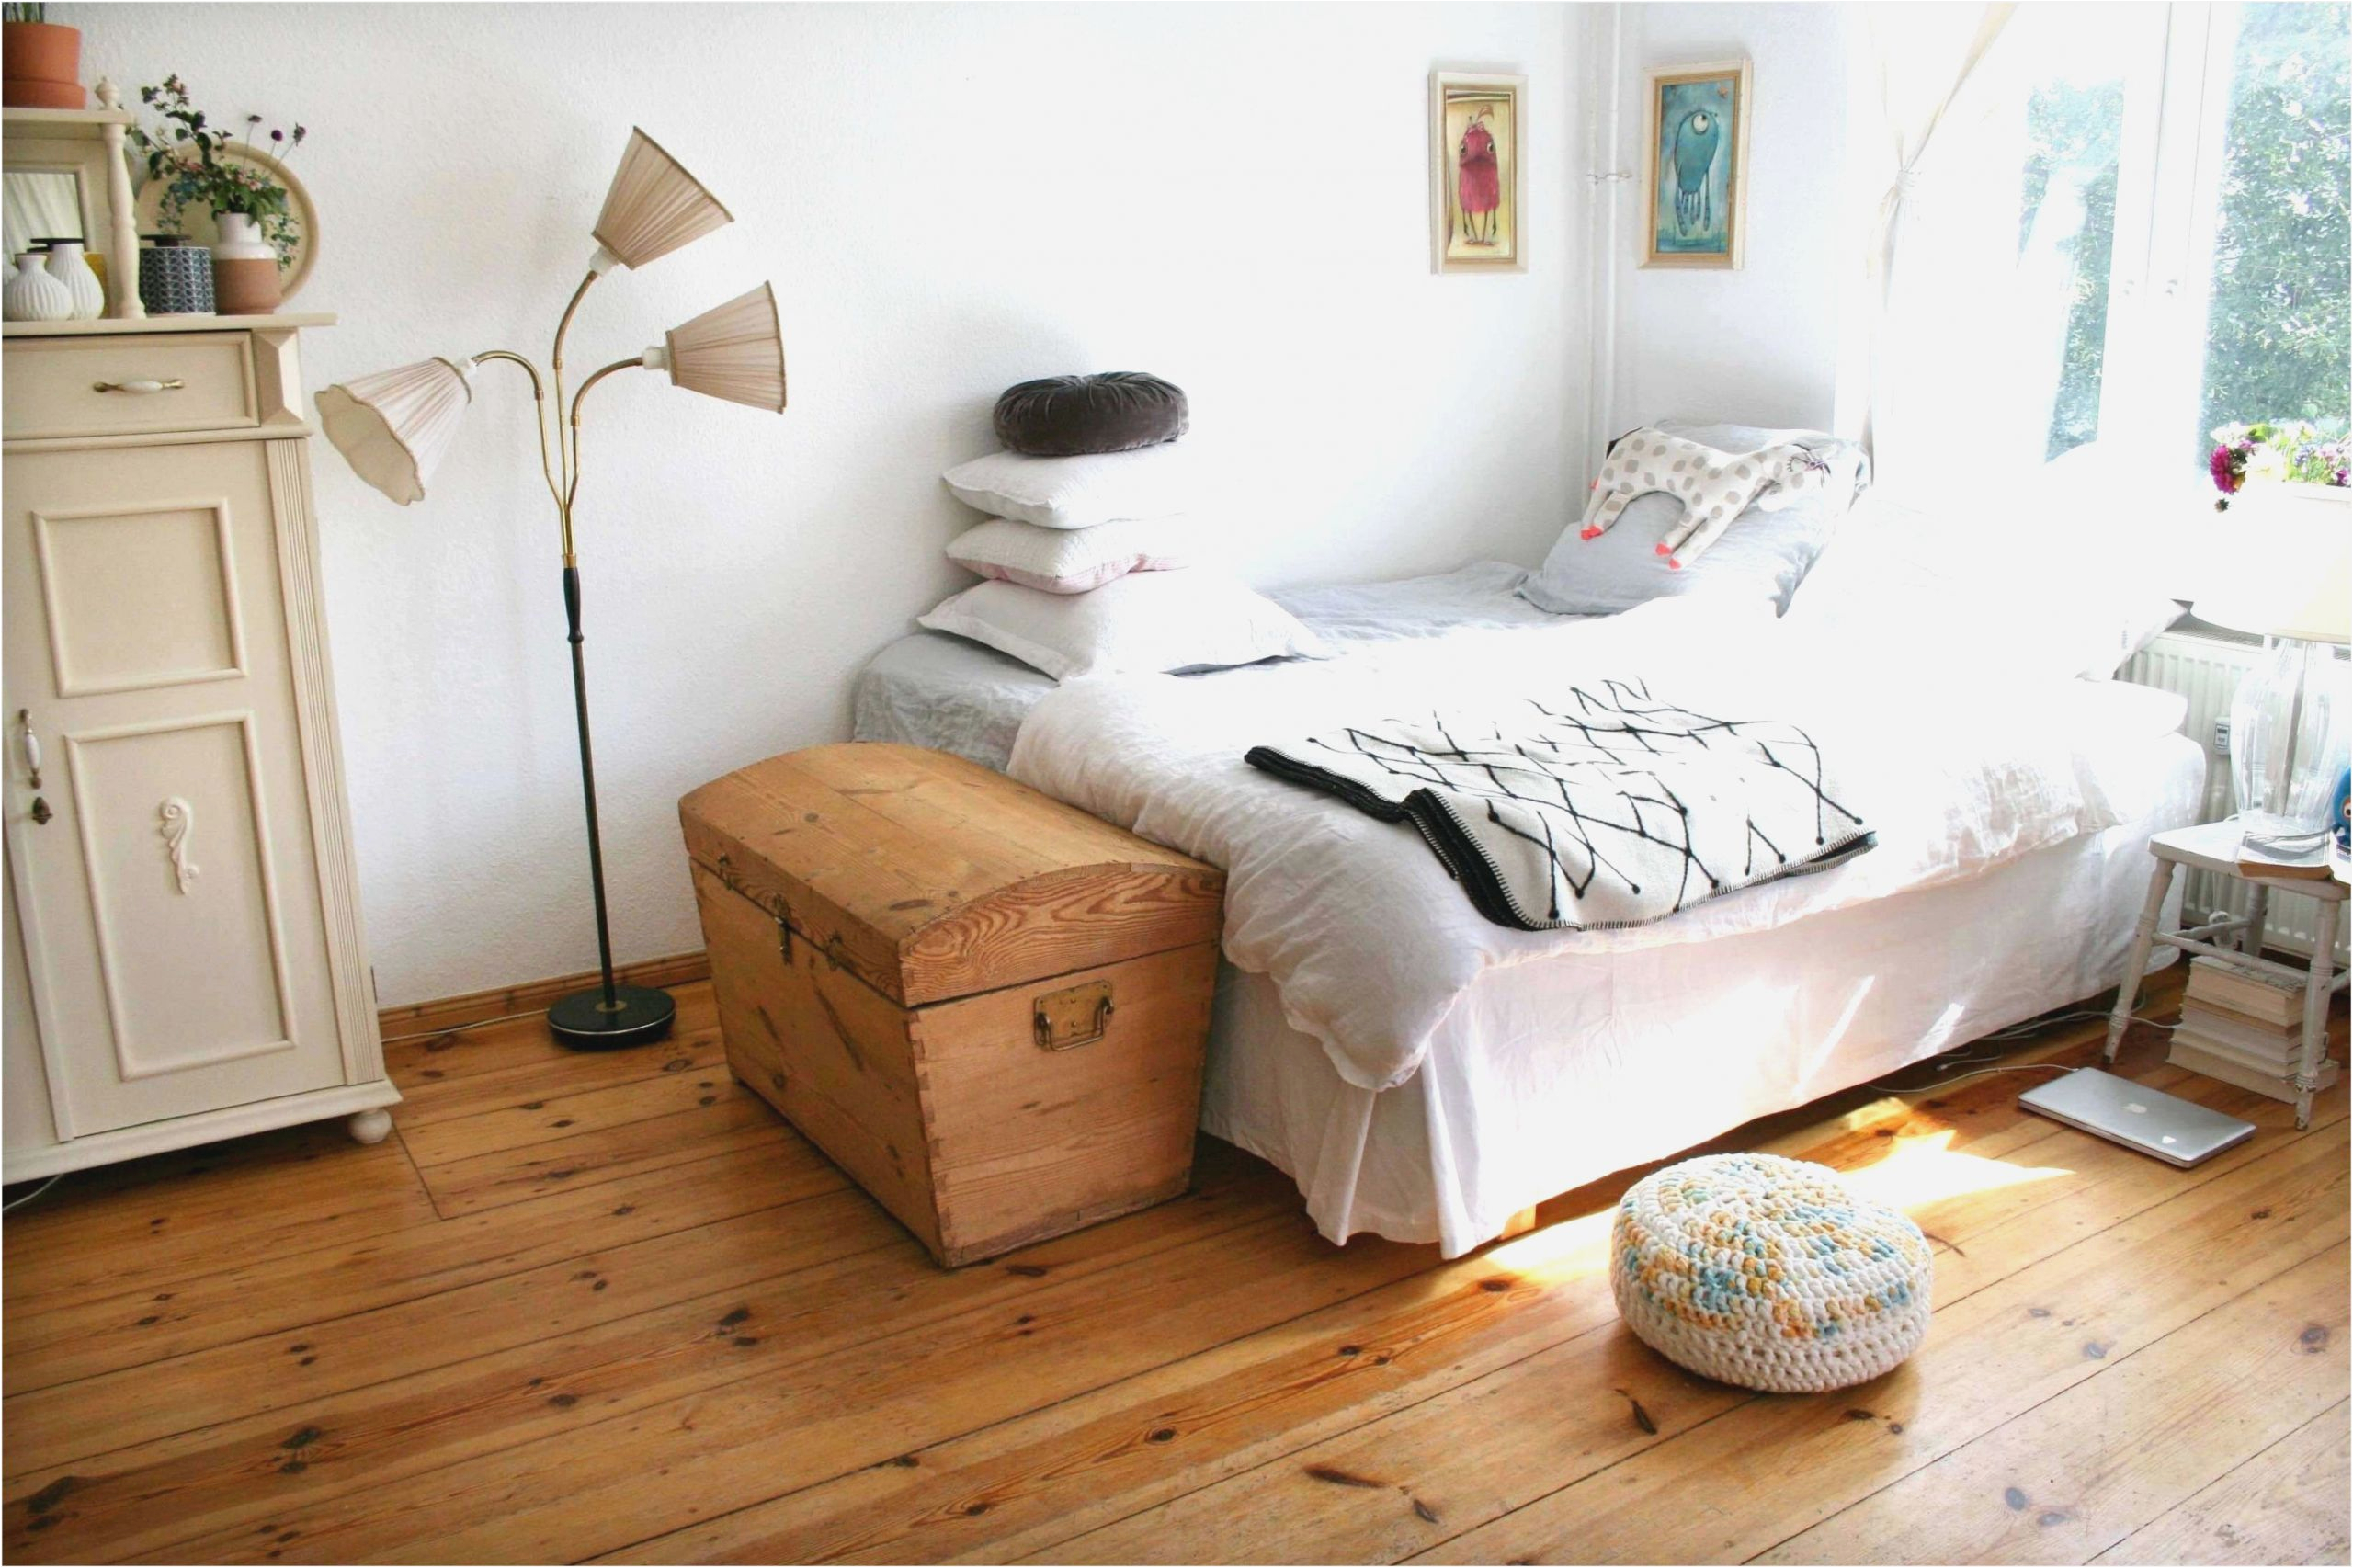 Schlafzimmer Ideen Mit Holz Schlafzimmer Ideen Romantisch Holz Schlafzimmer